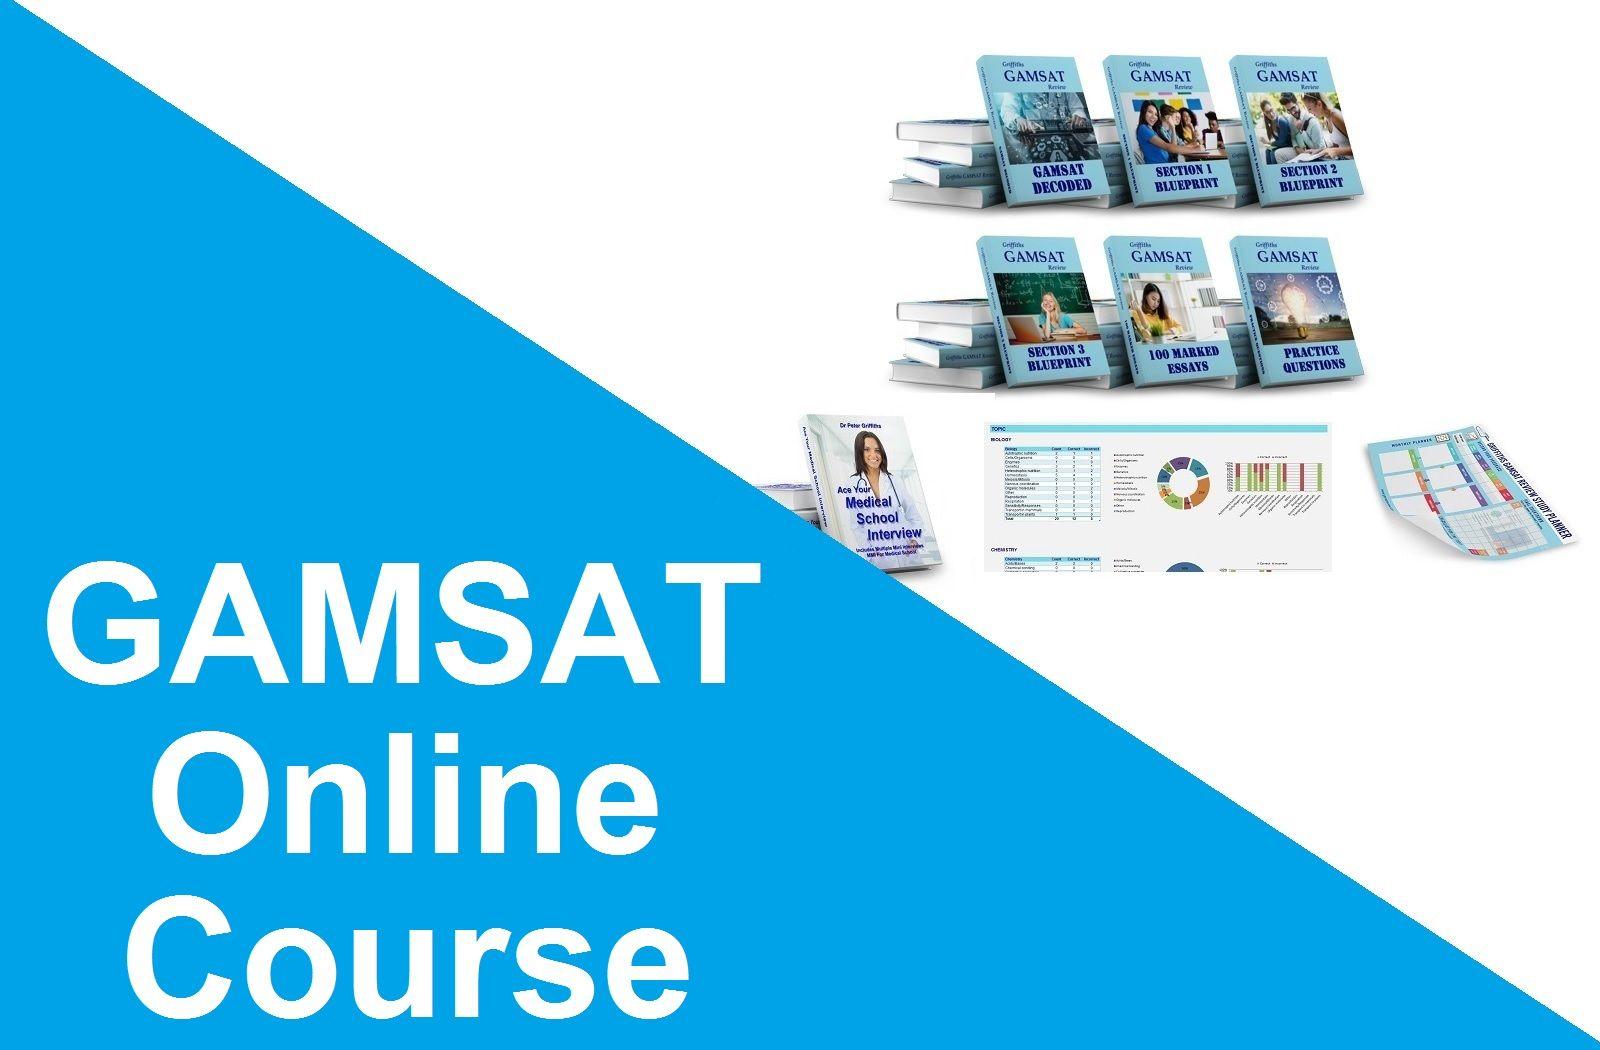 GAMSAT Online Course